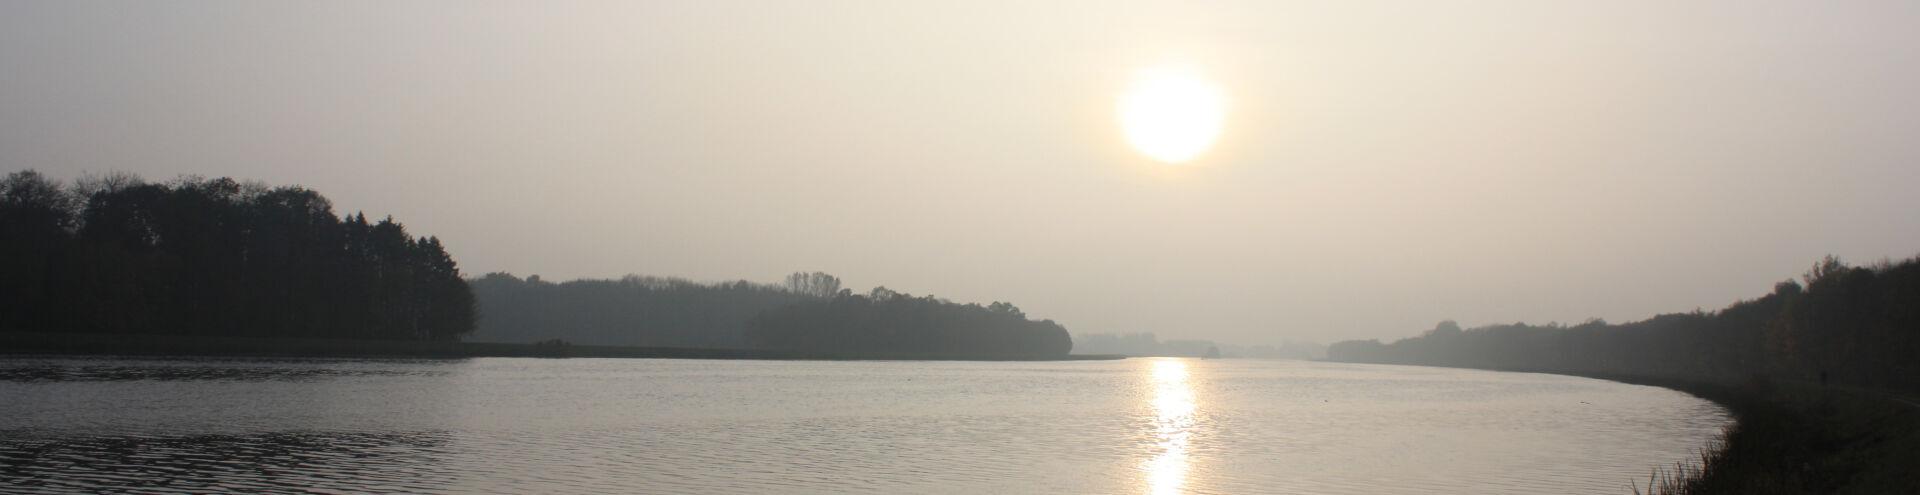 Sonnenaufgang Donau